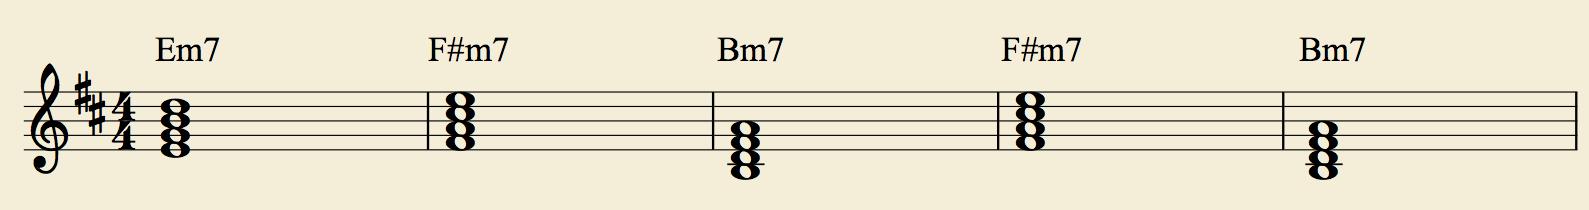 dtyt3